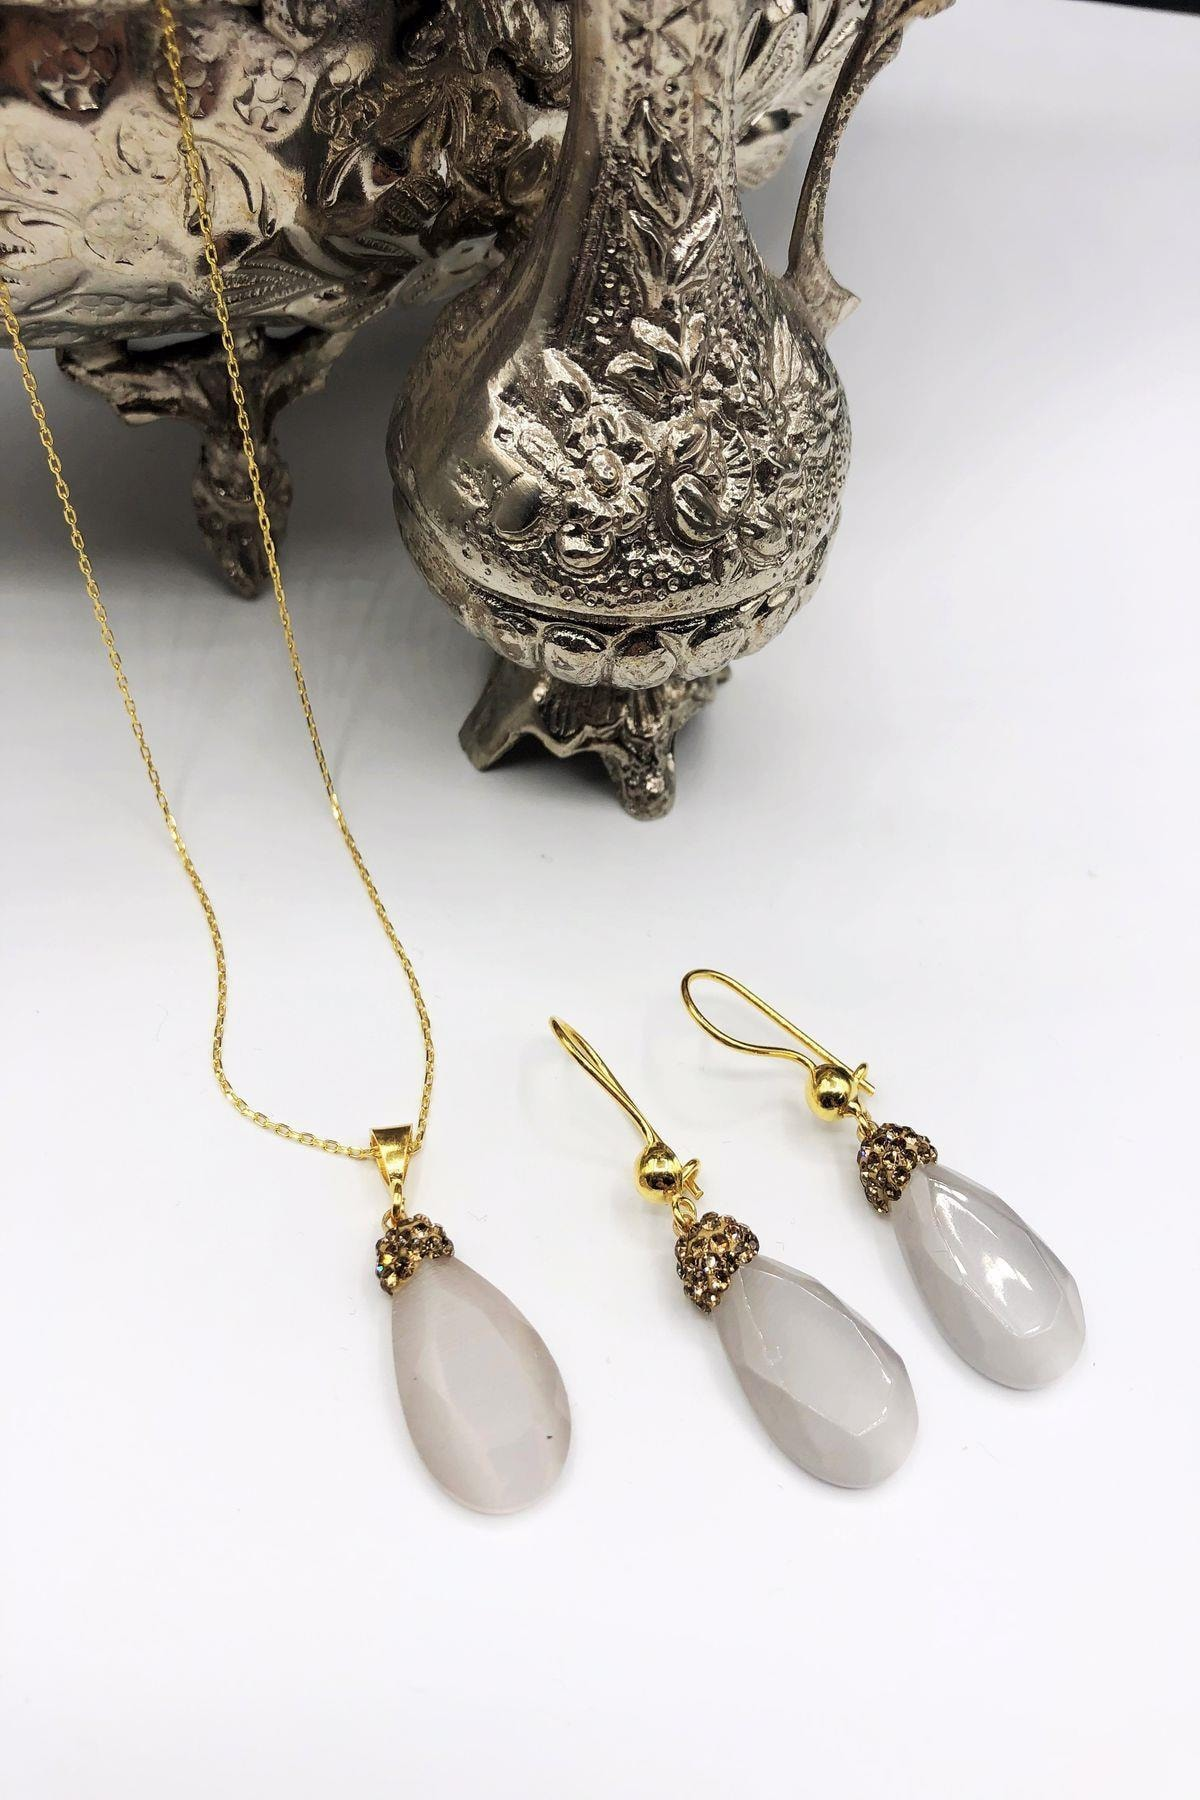 Dr. Stone Dr Stone Harem Koleksiyonu Kedigözü Taşı El Yapımı 925 Ayar Gümüş Set Gdr7 1